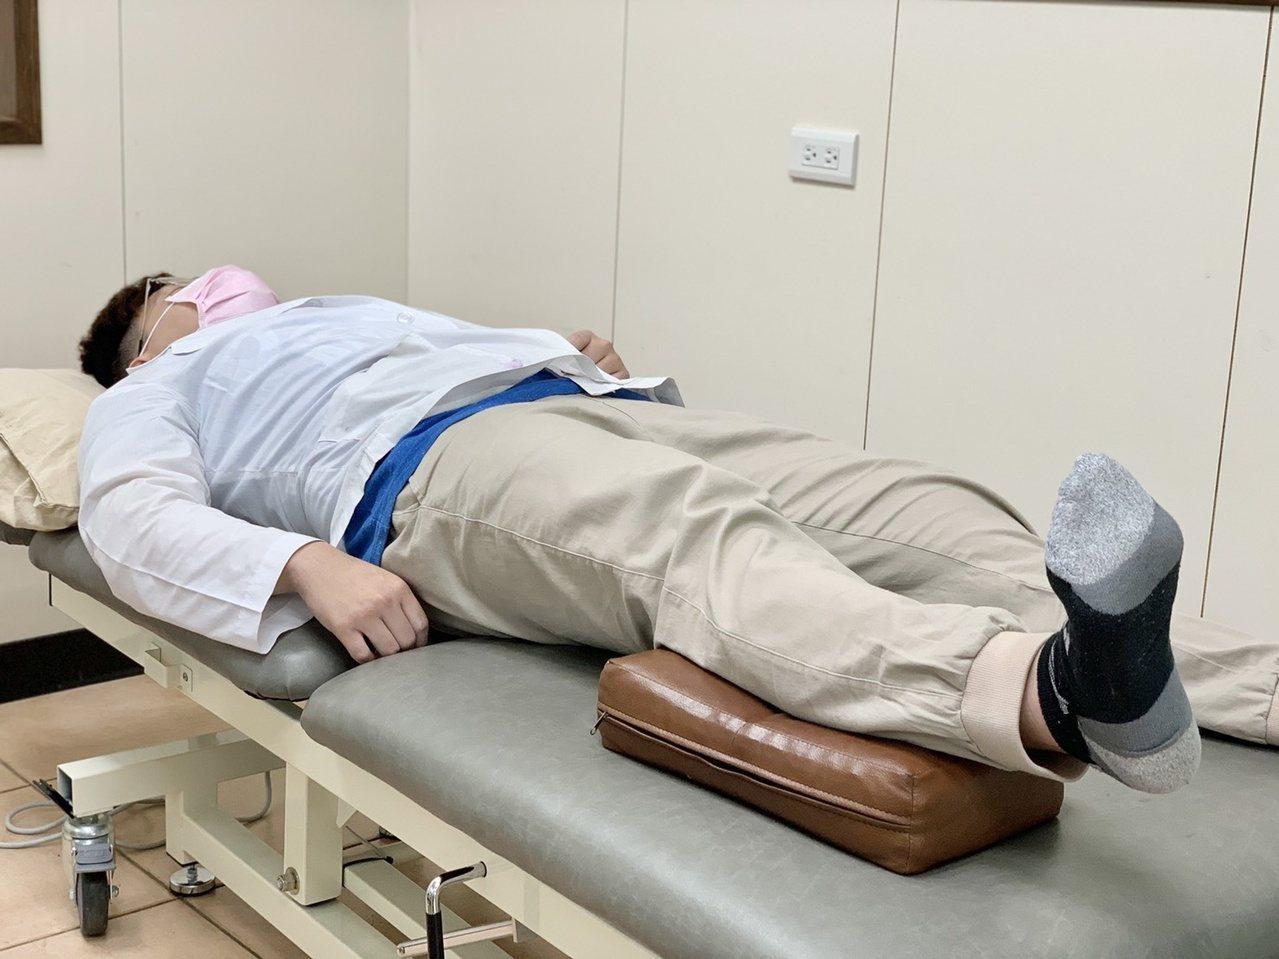 第一招「腳踝幫浦」運動,在患肢小腿墊上毛巾或較硬質枕頭,腳踝往上勾、之後往下壓,...